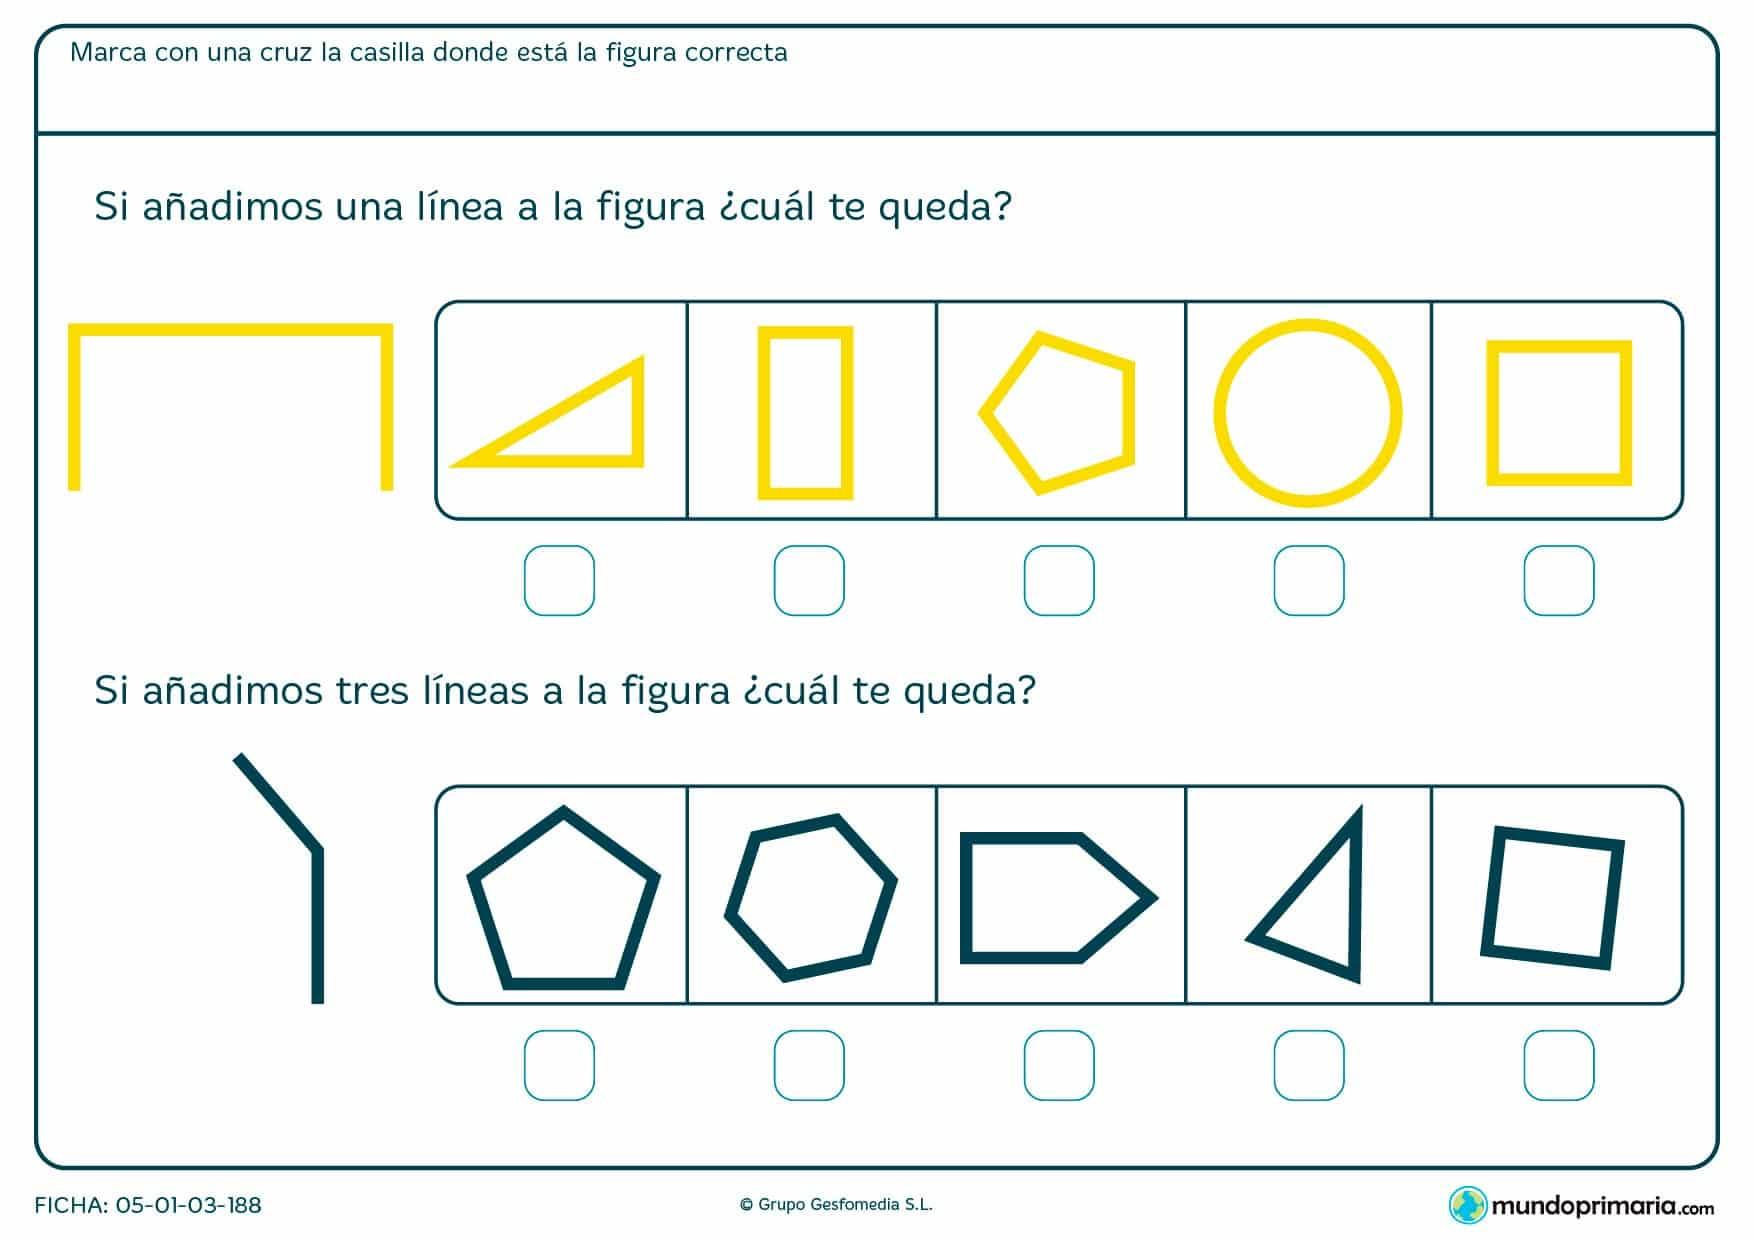 Ficha de completar rectángulo con líneas según se indica en el enunciado aparte de otras figuras.